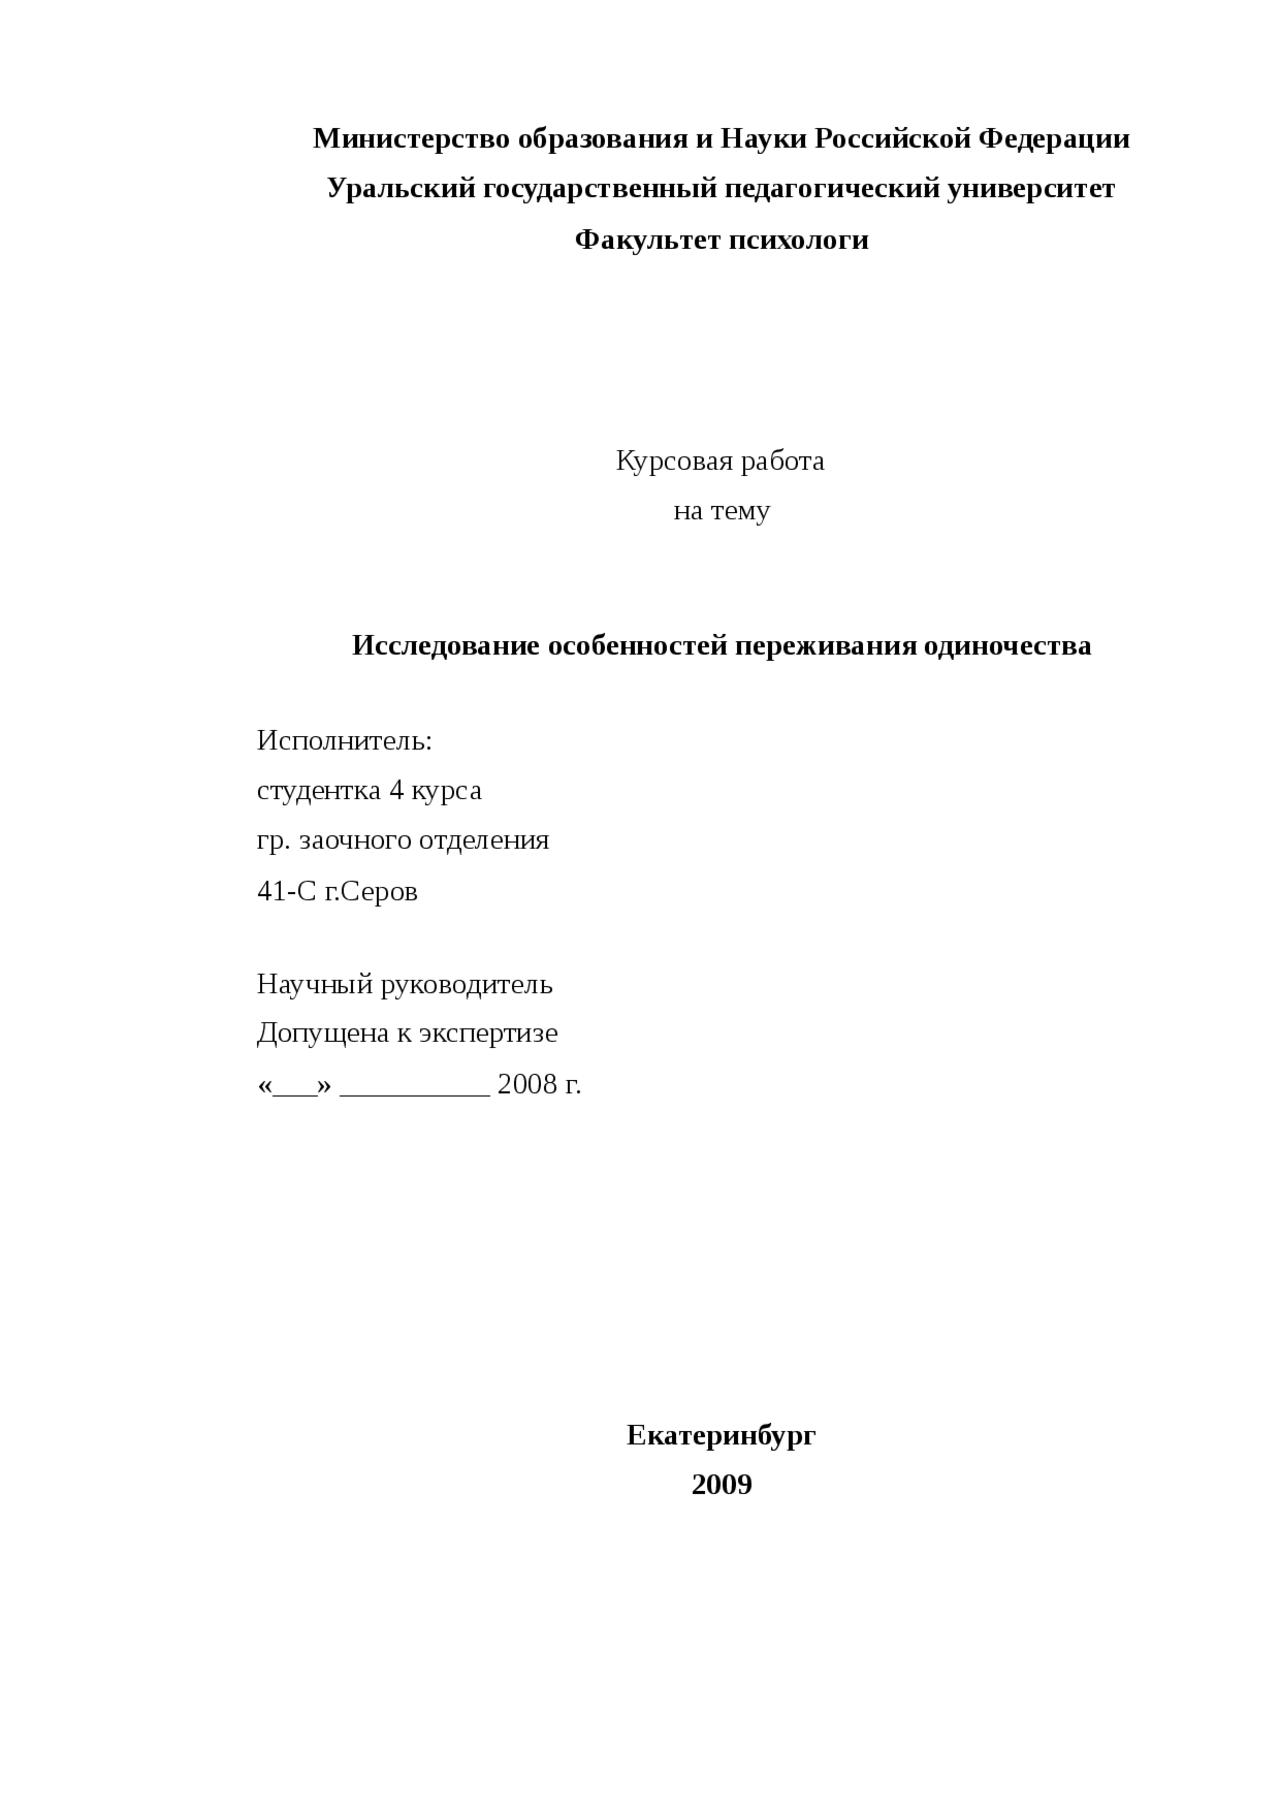 Российская девушка модель корпораций курсовая работа работа моделью в ливны